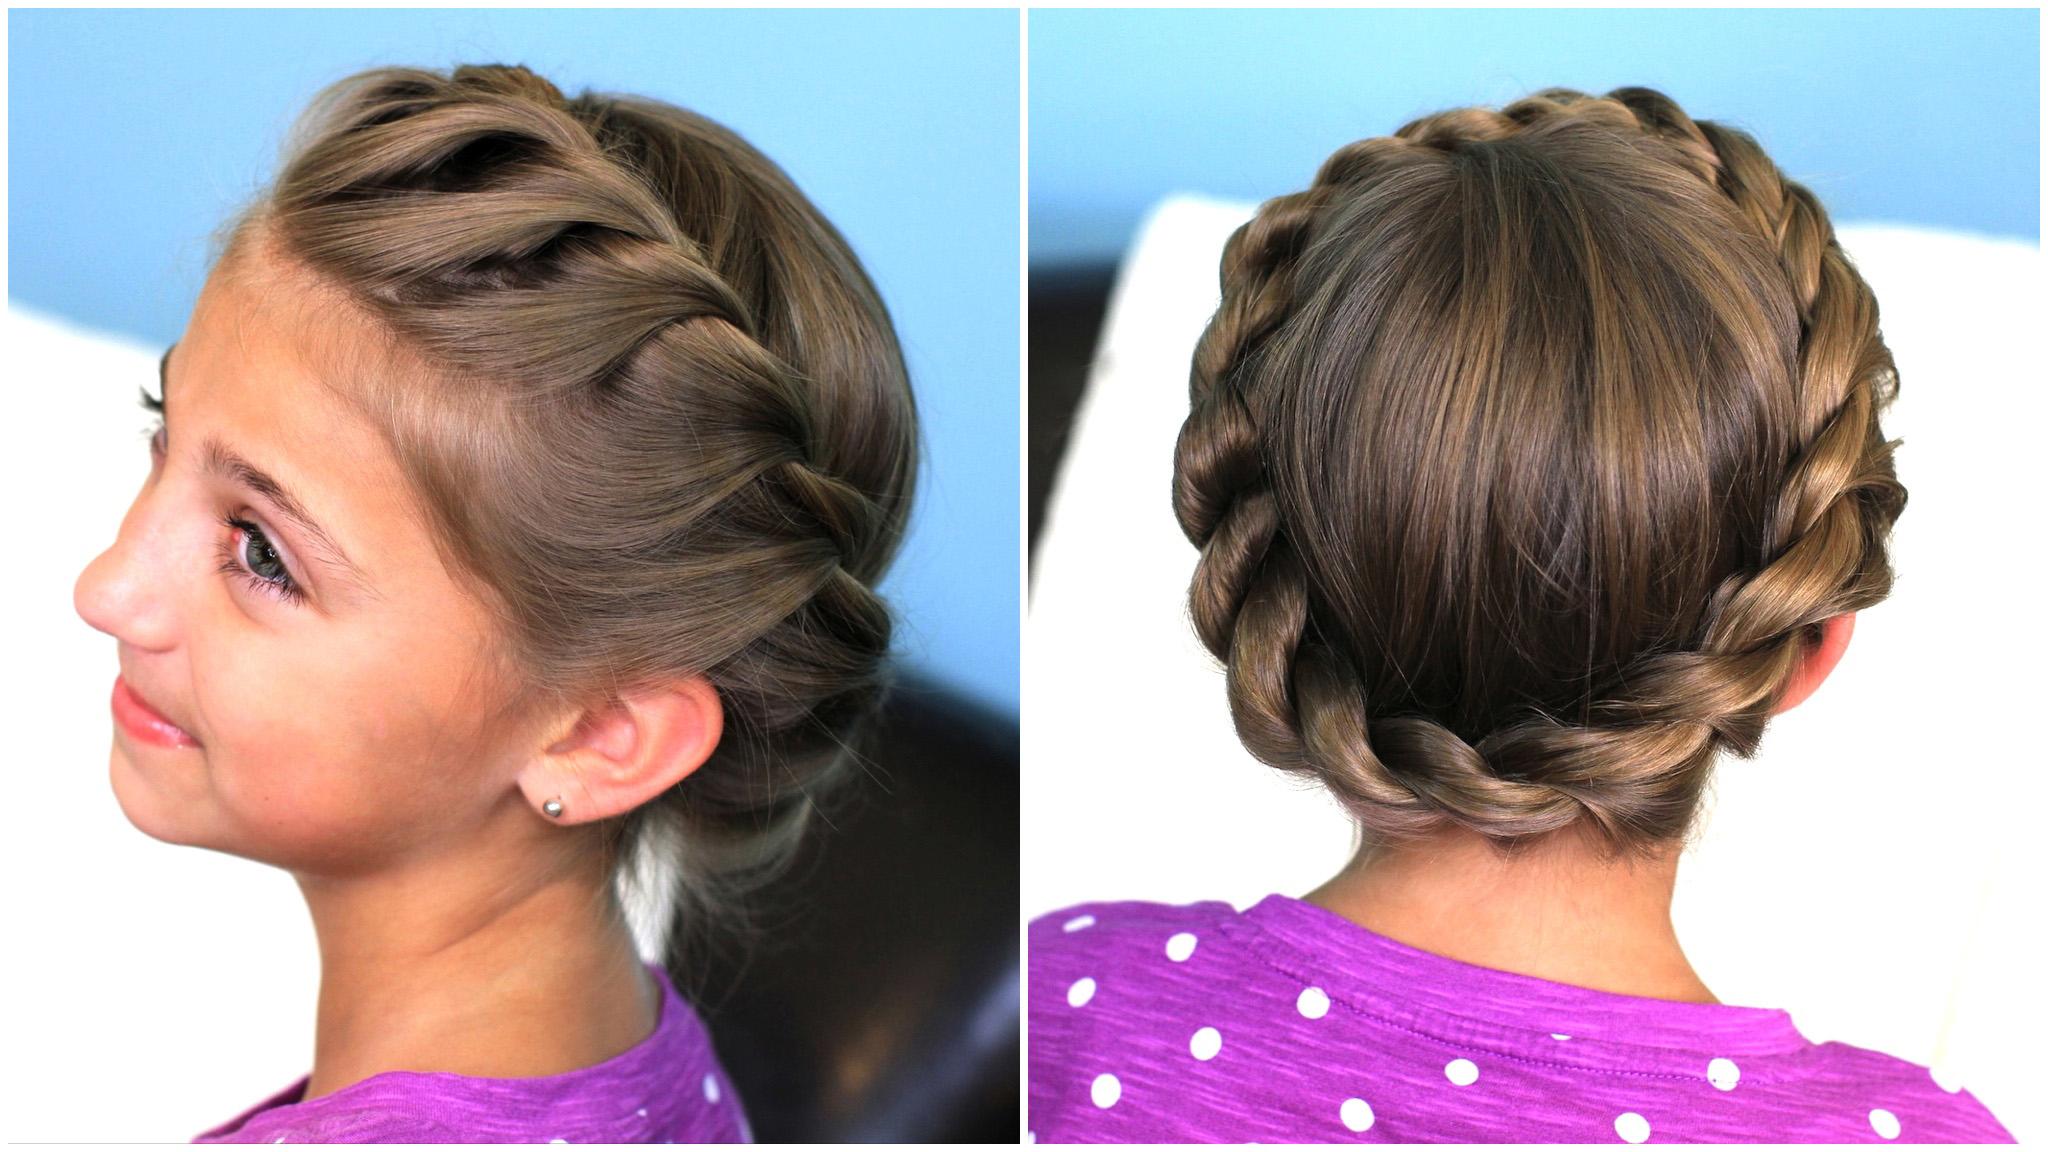 örgü saç modelleri (3)